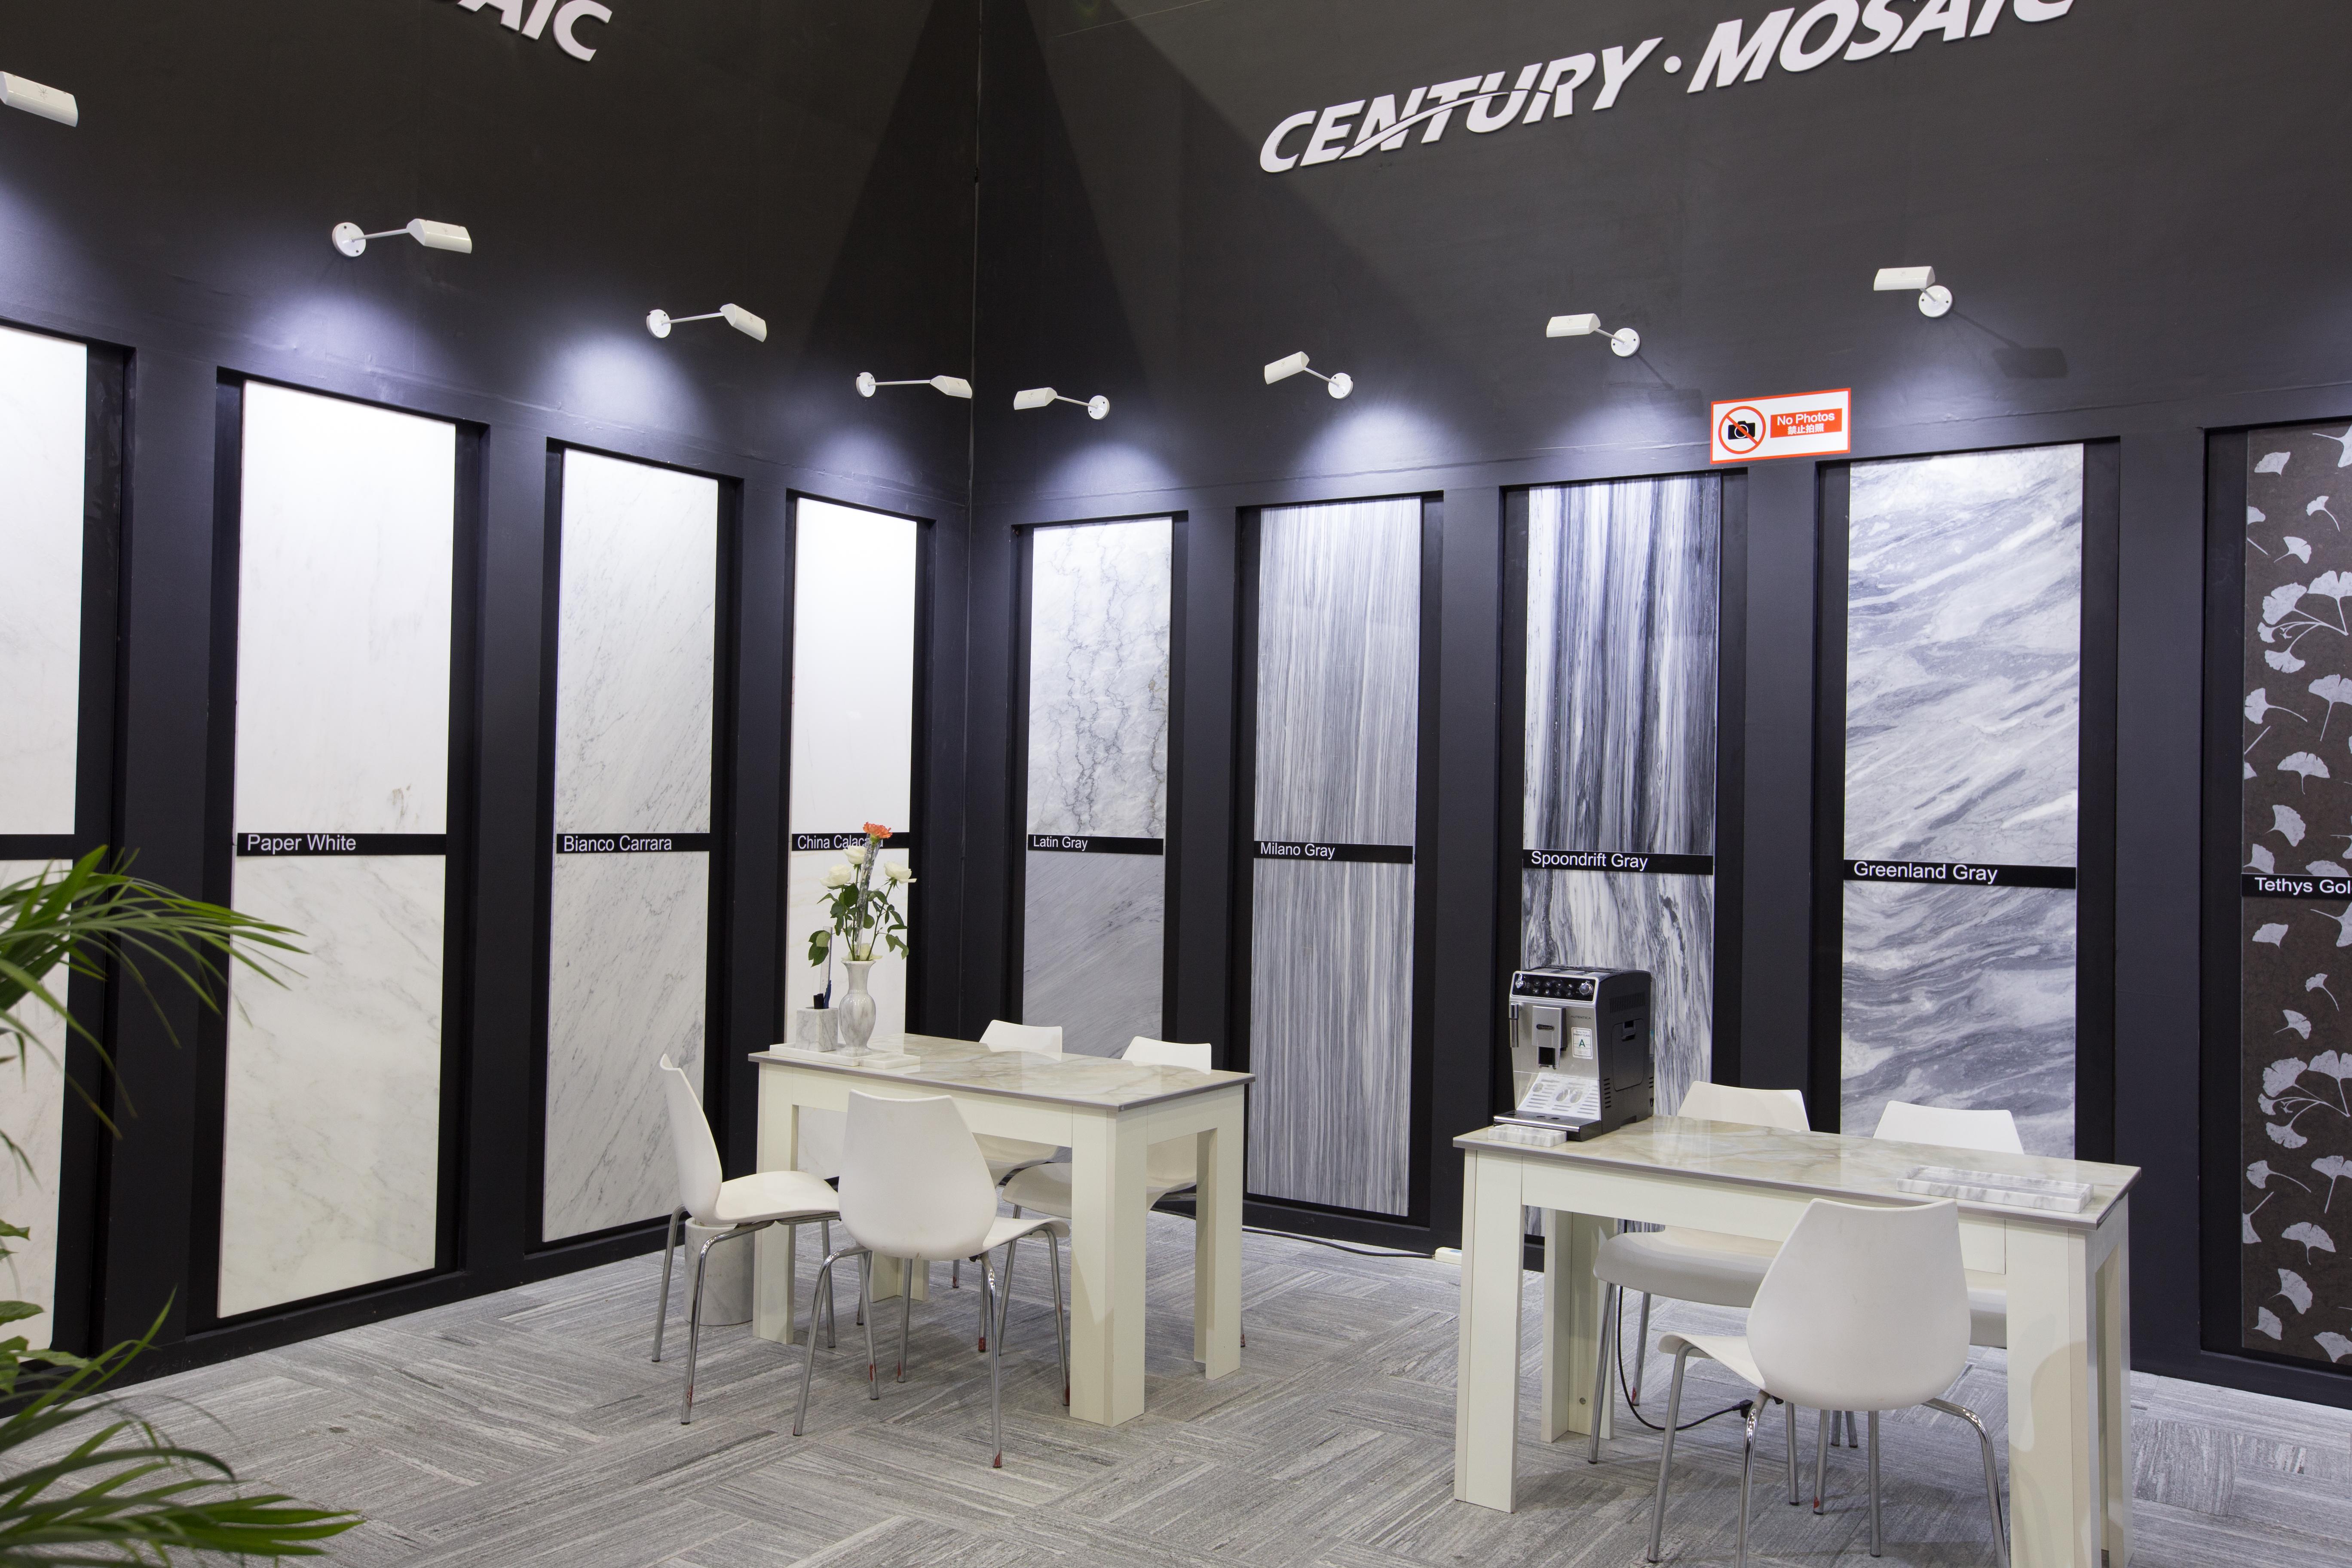 2016-Centurymosaic-at-Xiamen-Stone-Fair-our-booth